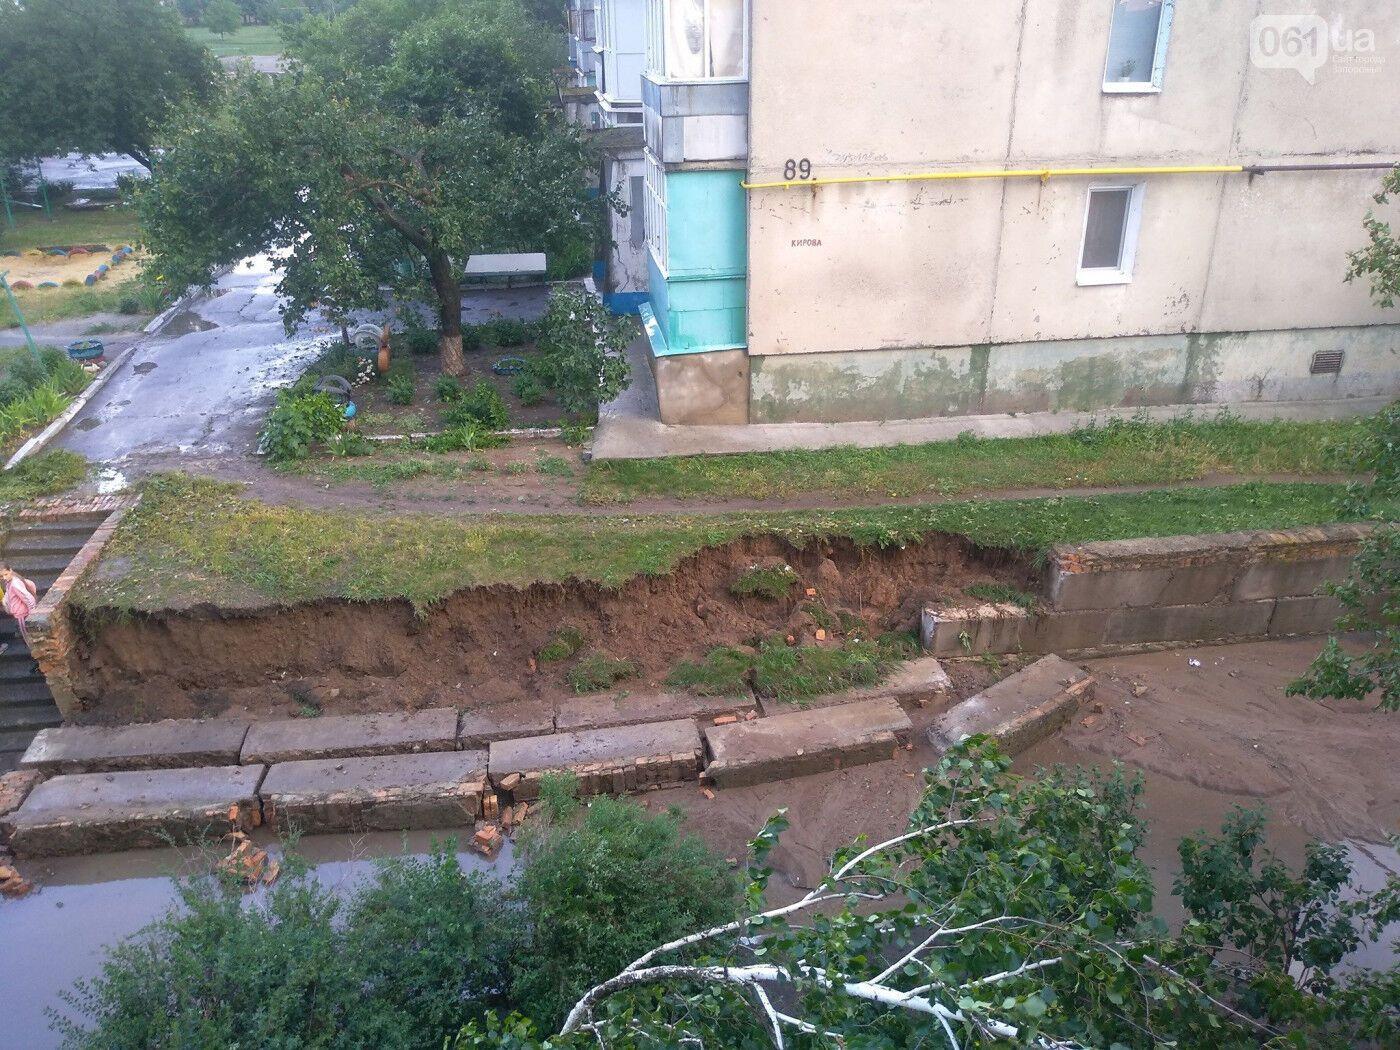 Через розмивання впали бетонні блоки, які стримували земляний вал